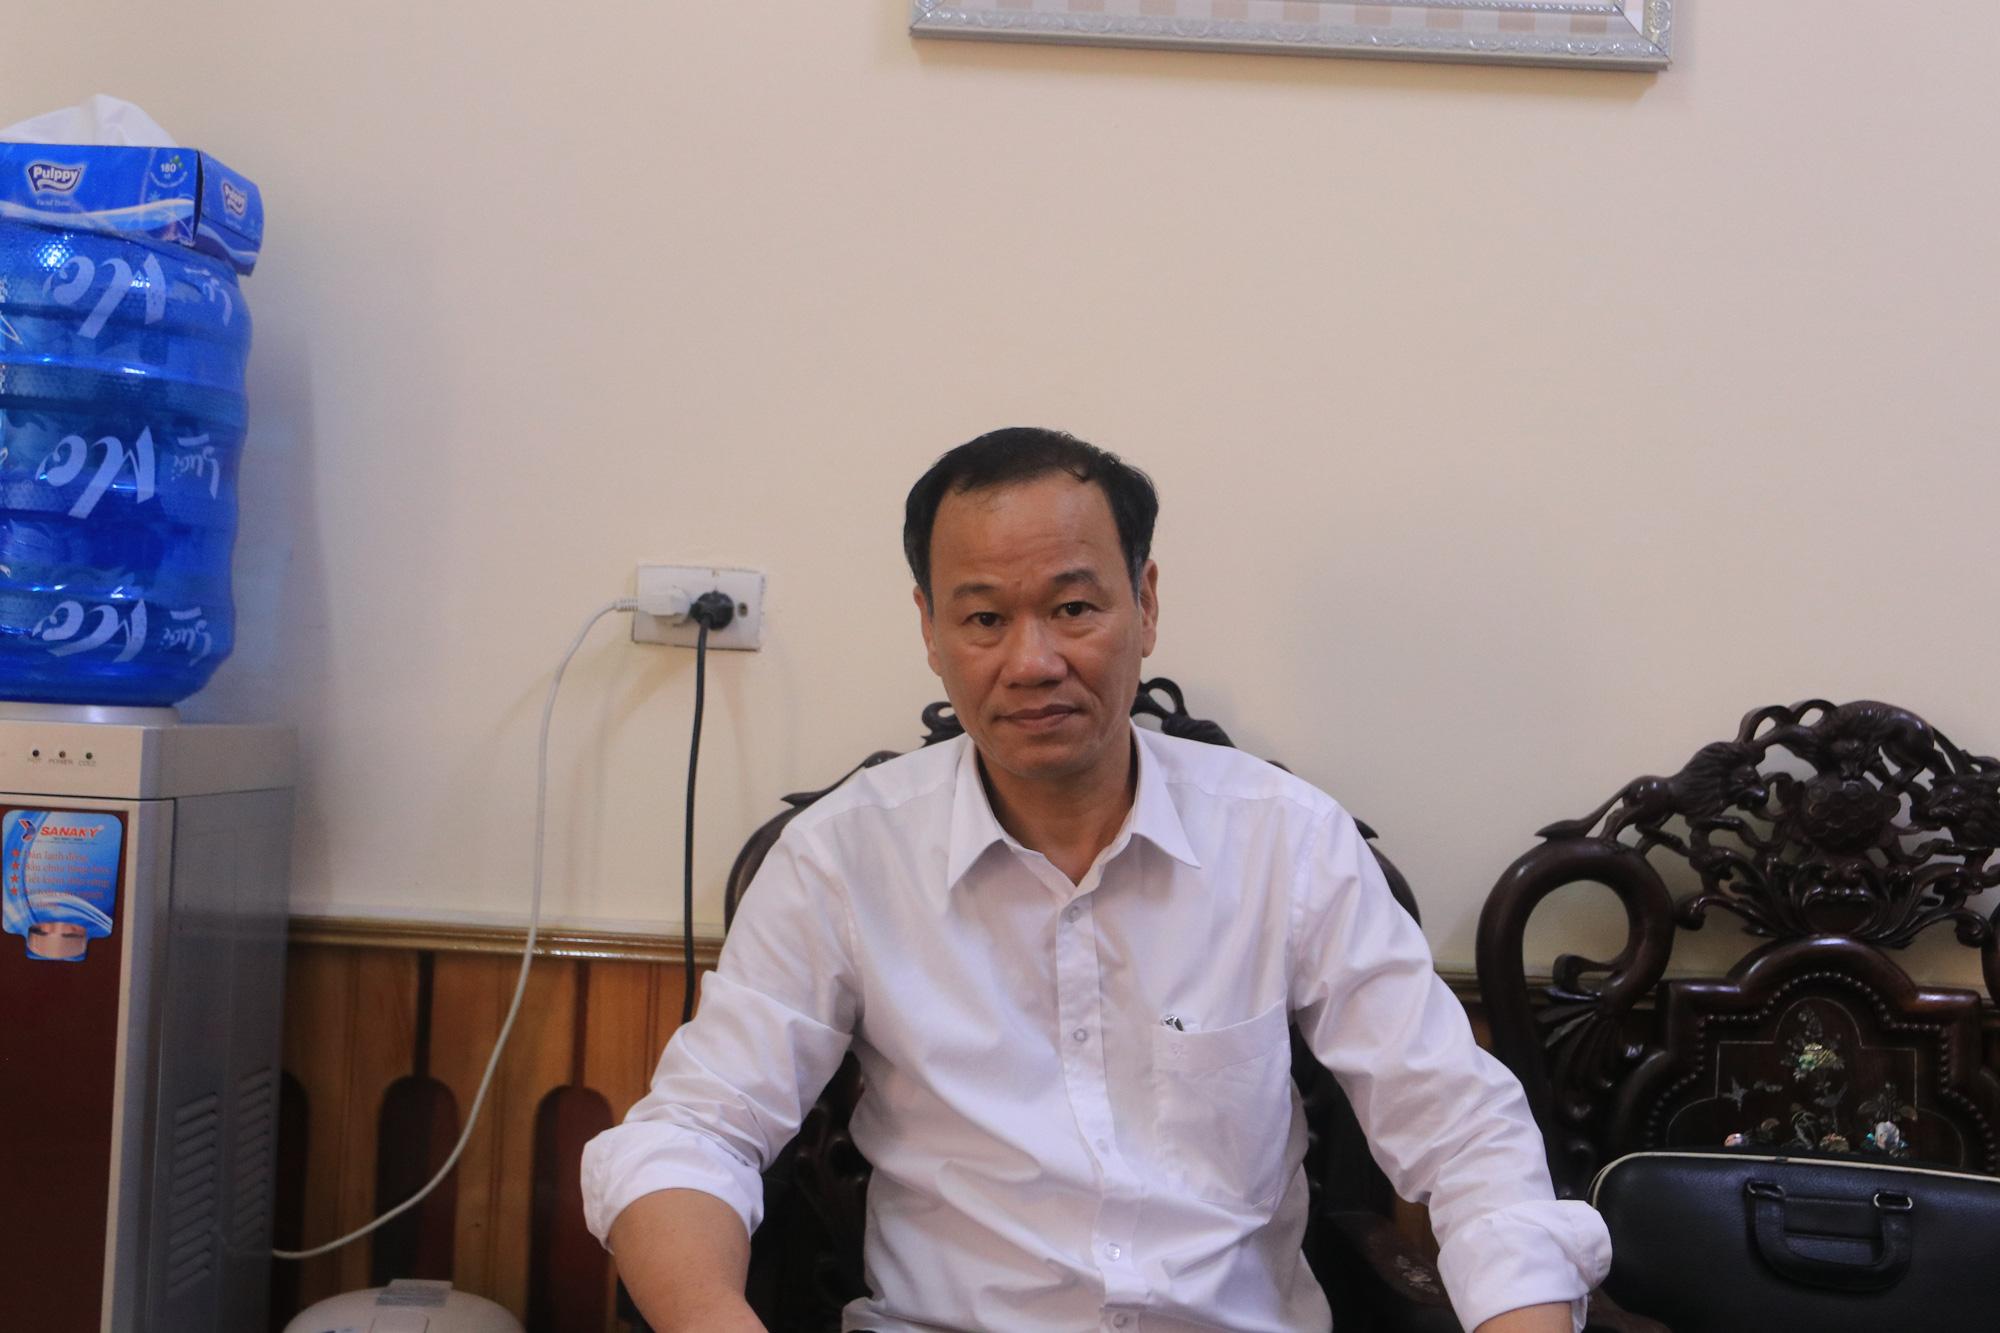 """Bắc Ninh: Phó Chủ tịch phường Châu Khê đang bị xem xét kỷ luật vẫn được """"cơ cấu""""? - Ảnh 2."""